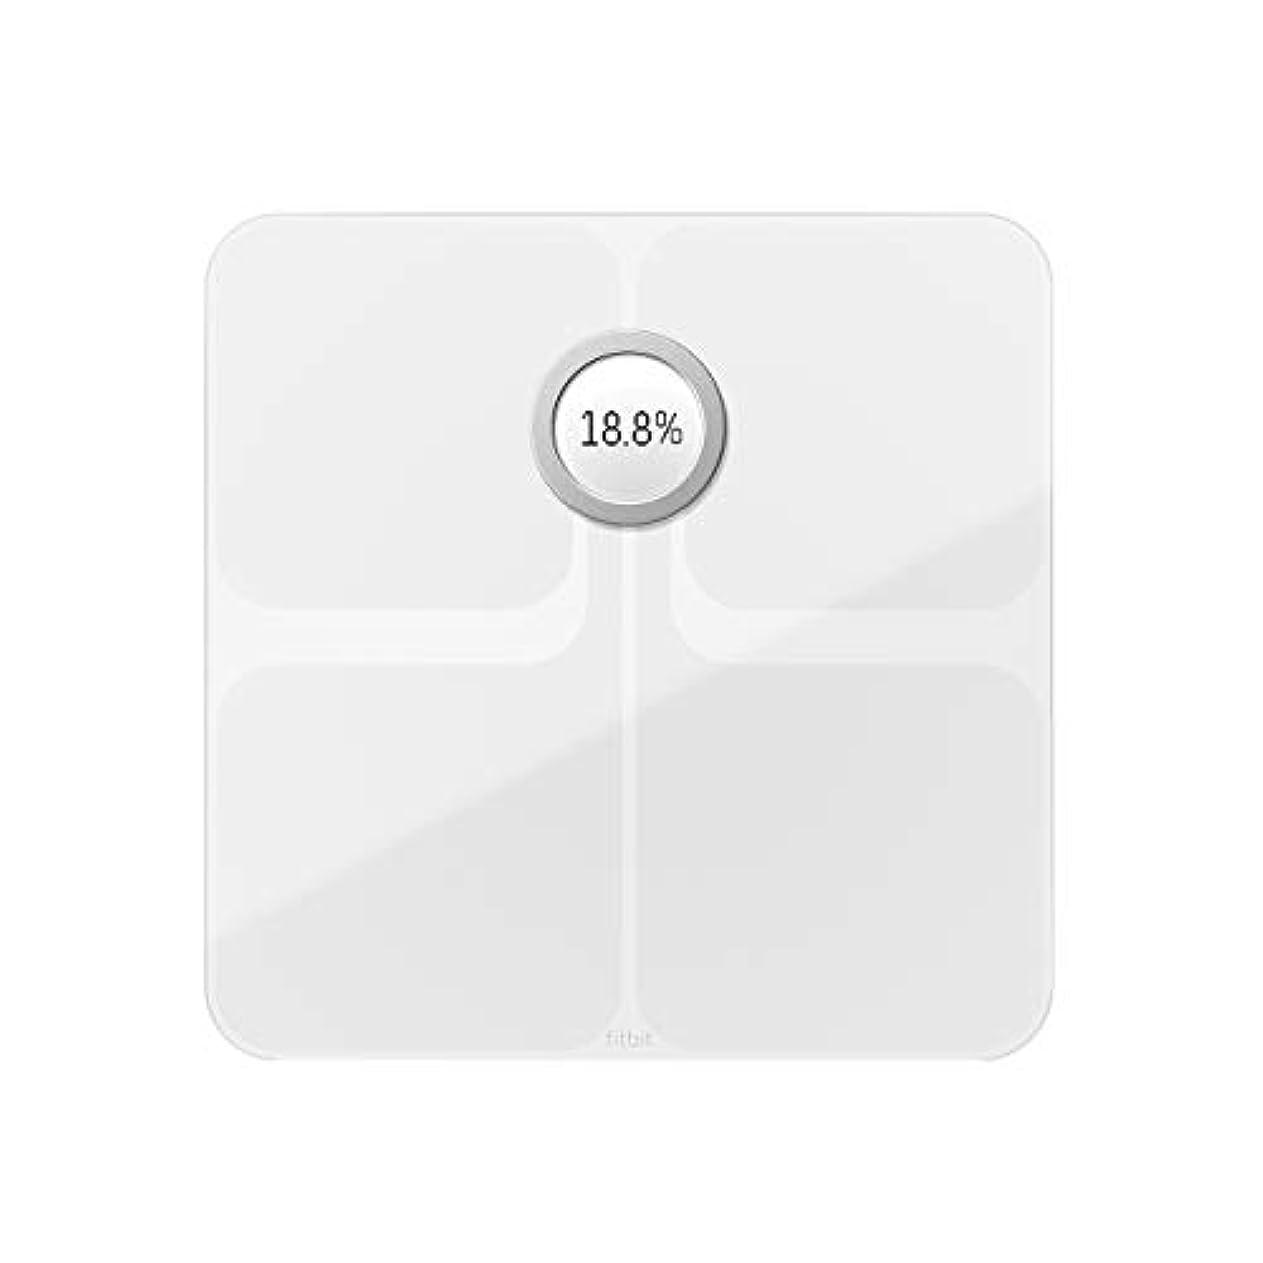 溶岩キリマンジャロ笑いFitbit フィットビット スマート体重計 Aria2 WiFi/Bluetooth対応 White【日本正規品】 FB202WT-JP